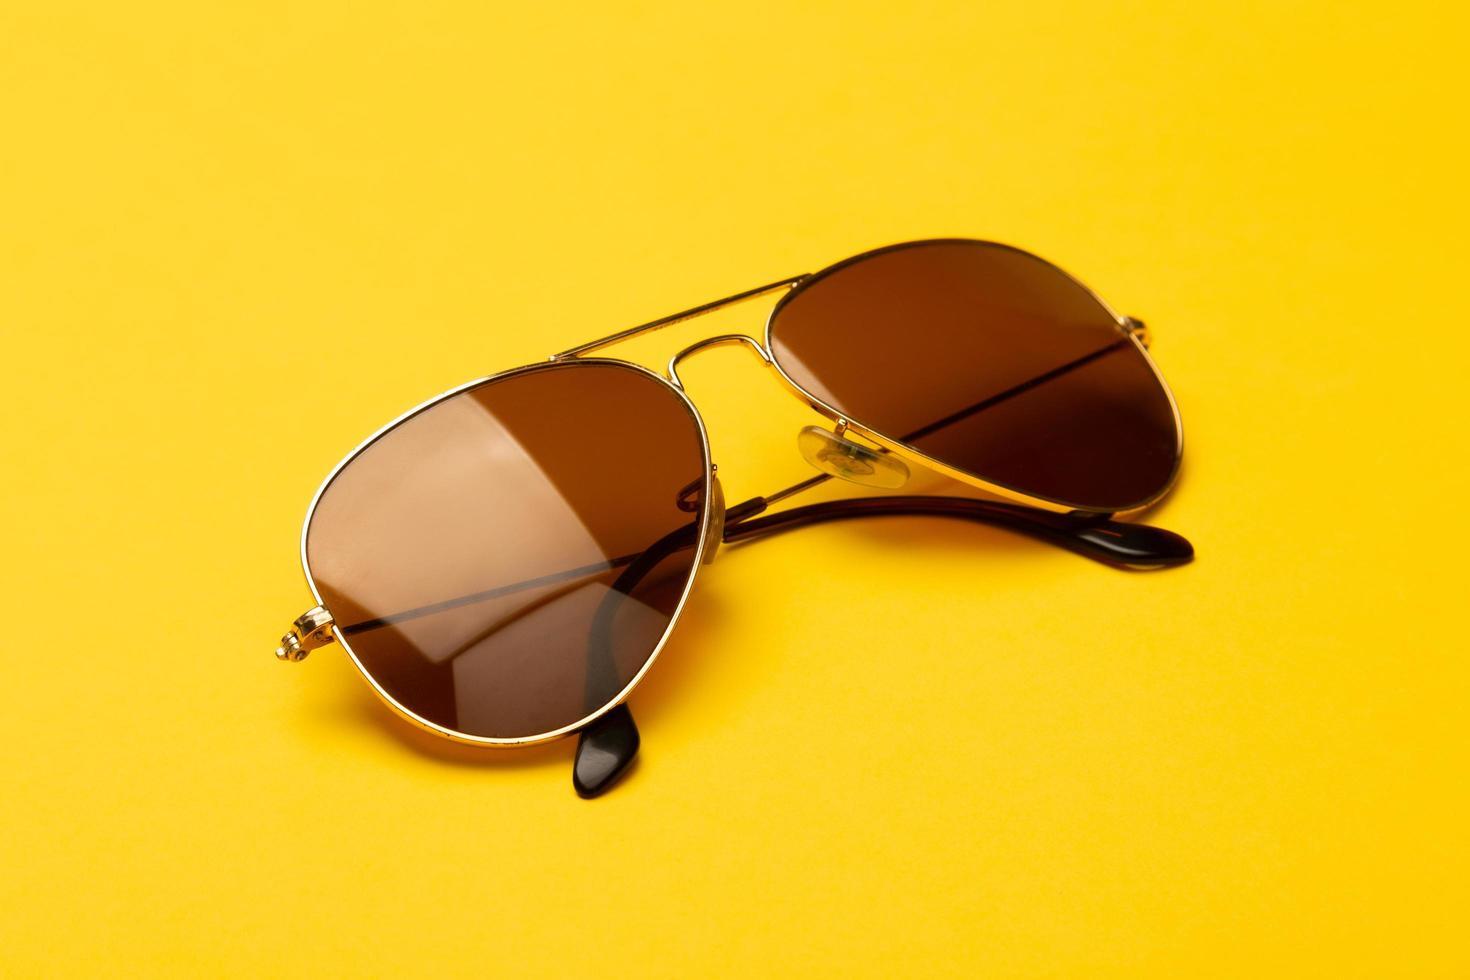 flygplan solglasögon på gul bakgrund foto